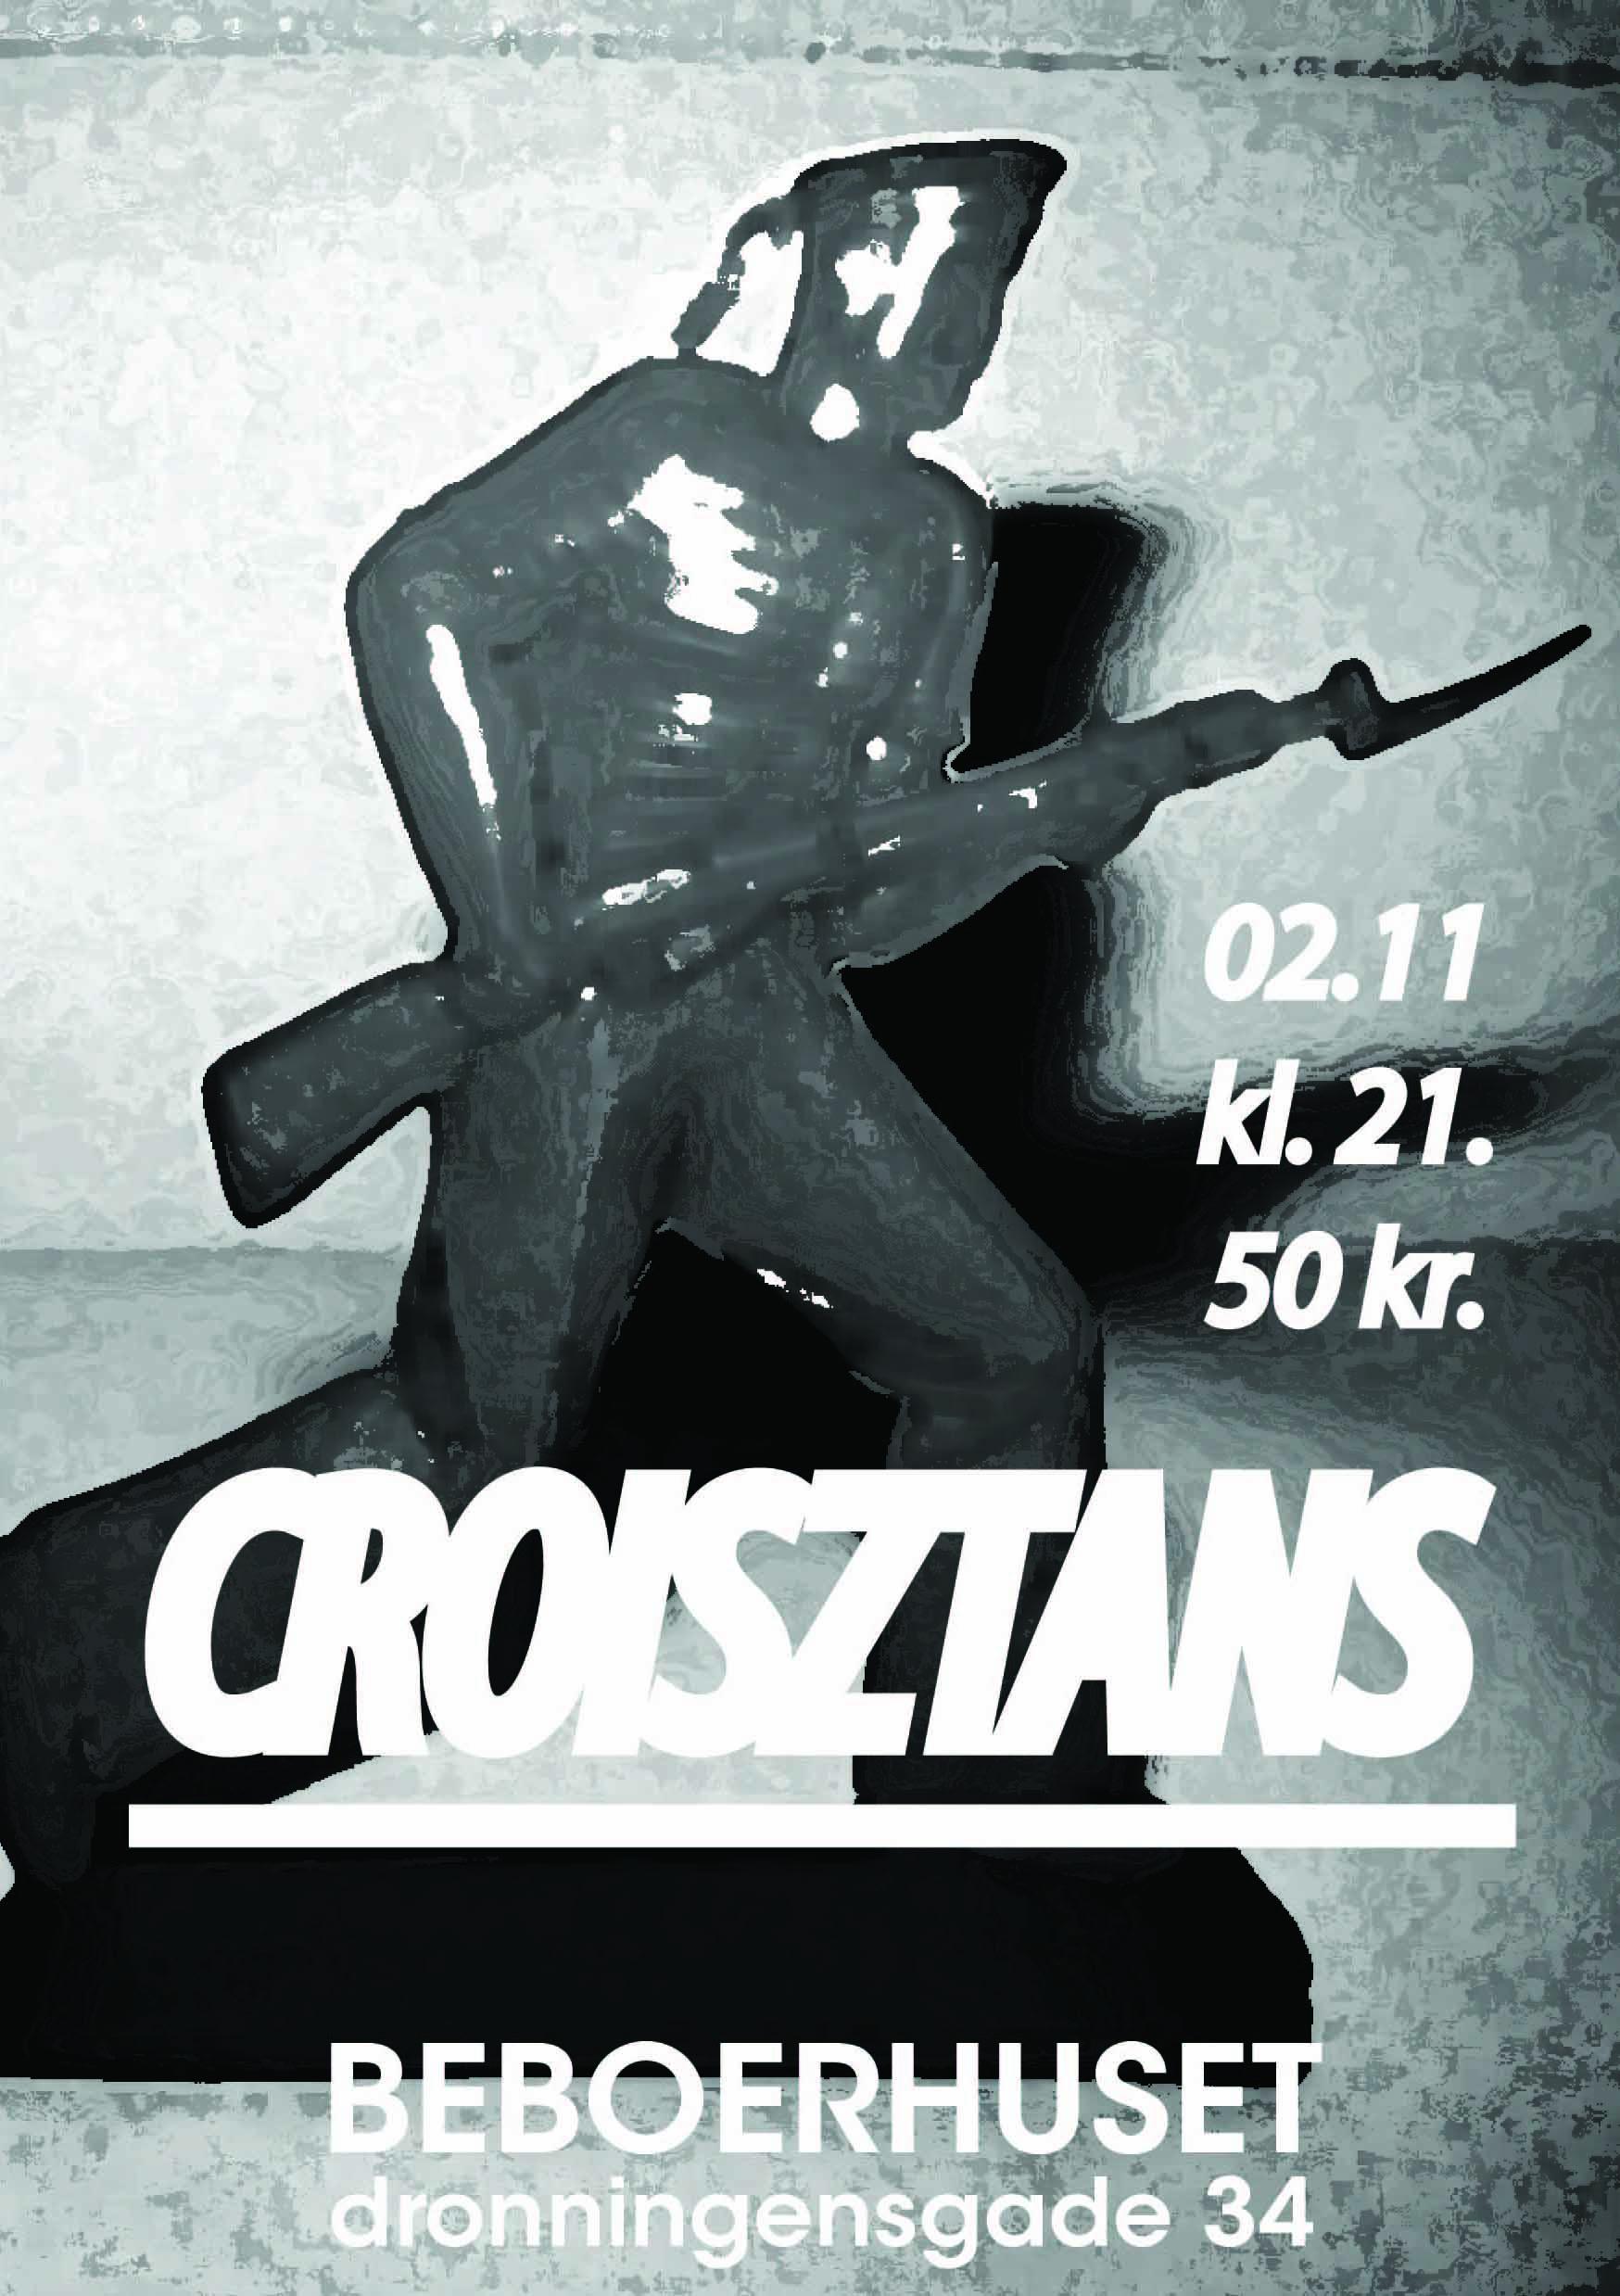 Croisztans